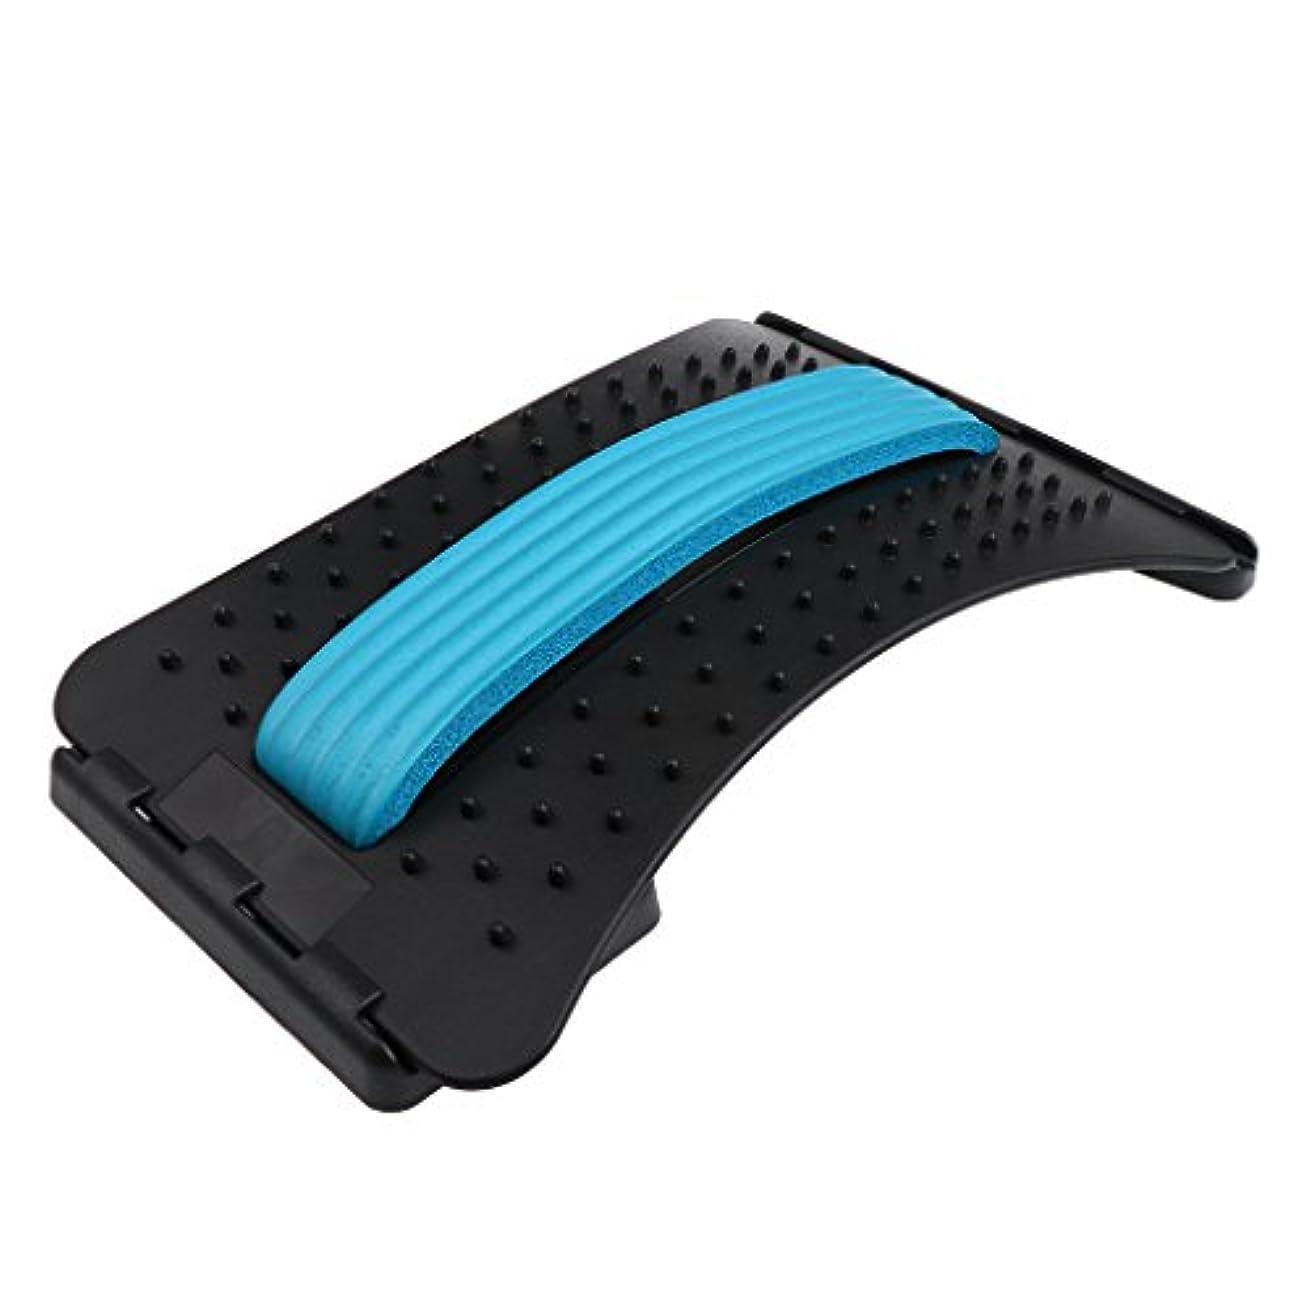 まぶしさ予感カリングFenteer バックストレッチャー マッサージャー サポート 3色選べる - 青